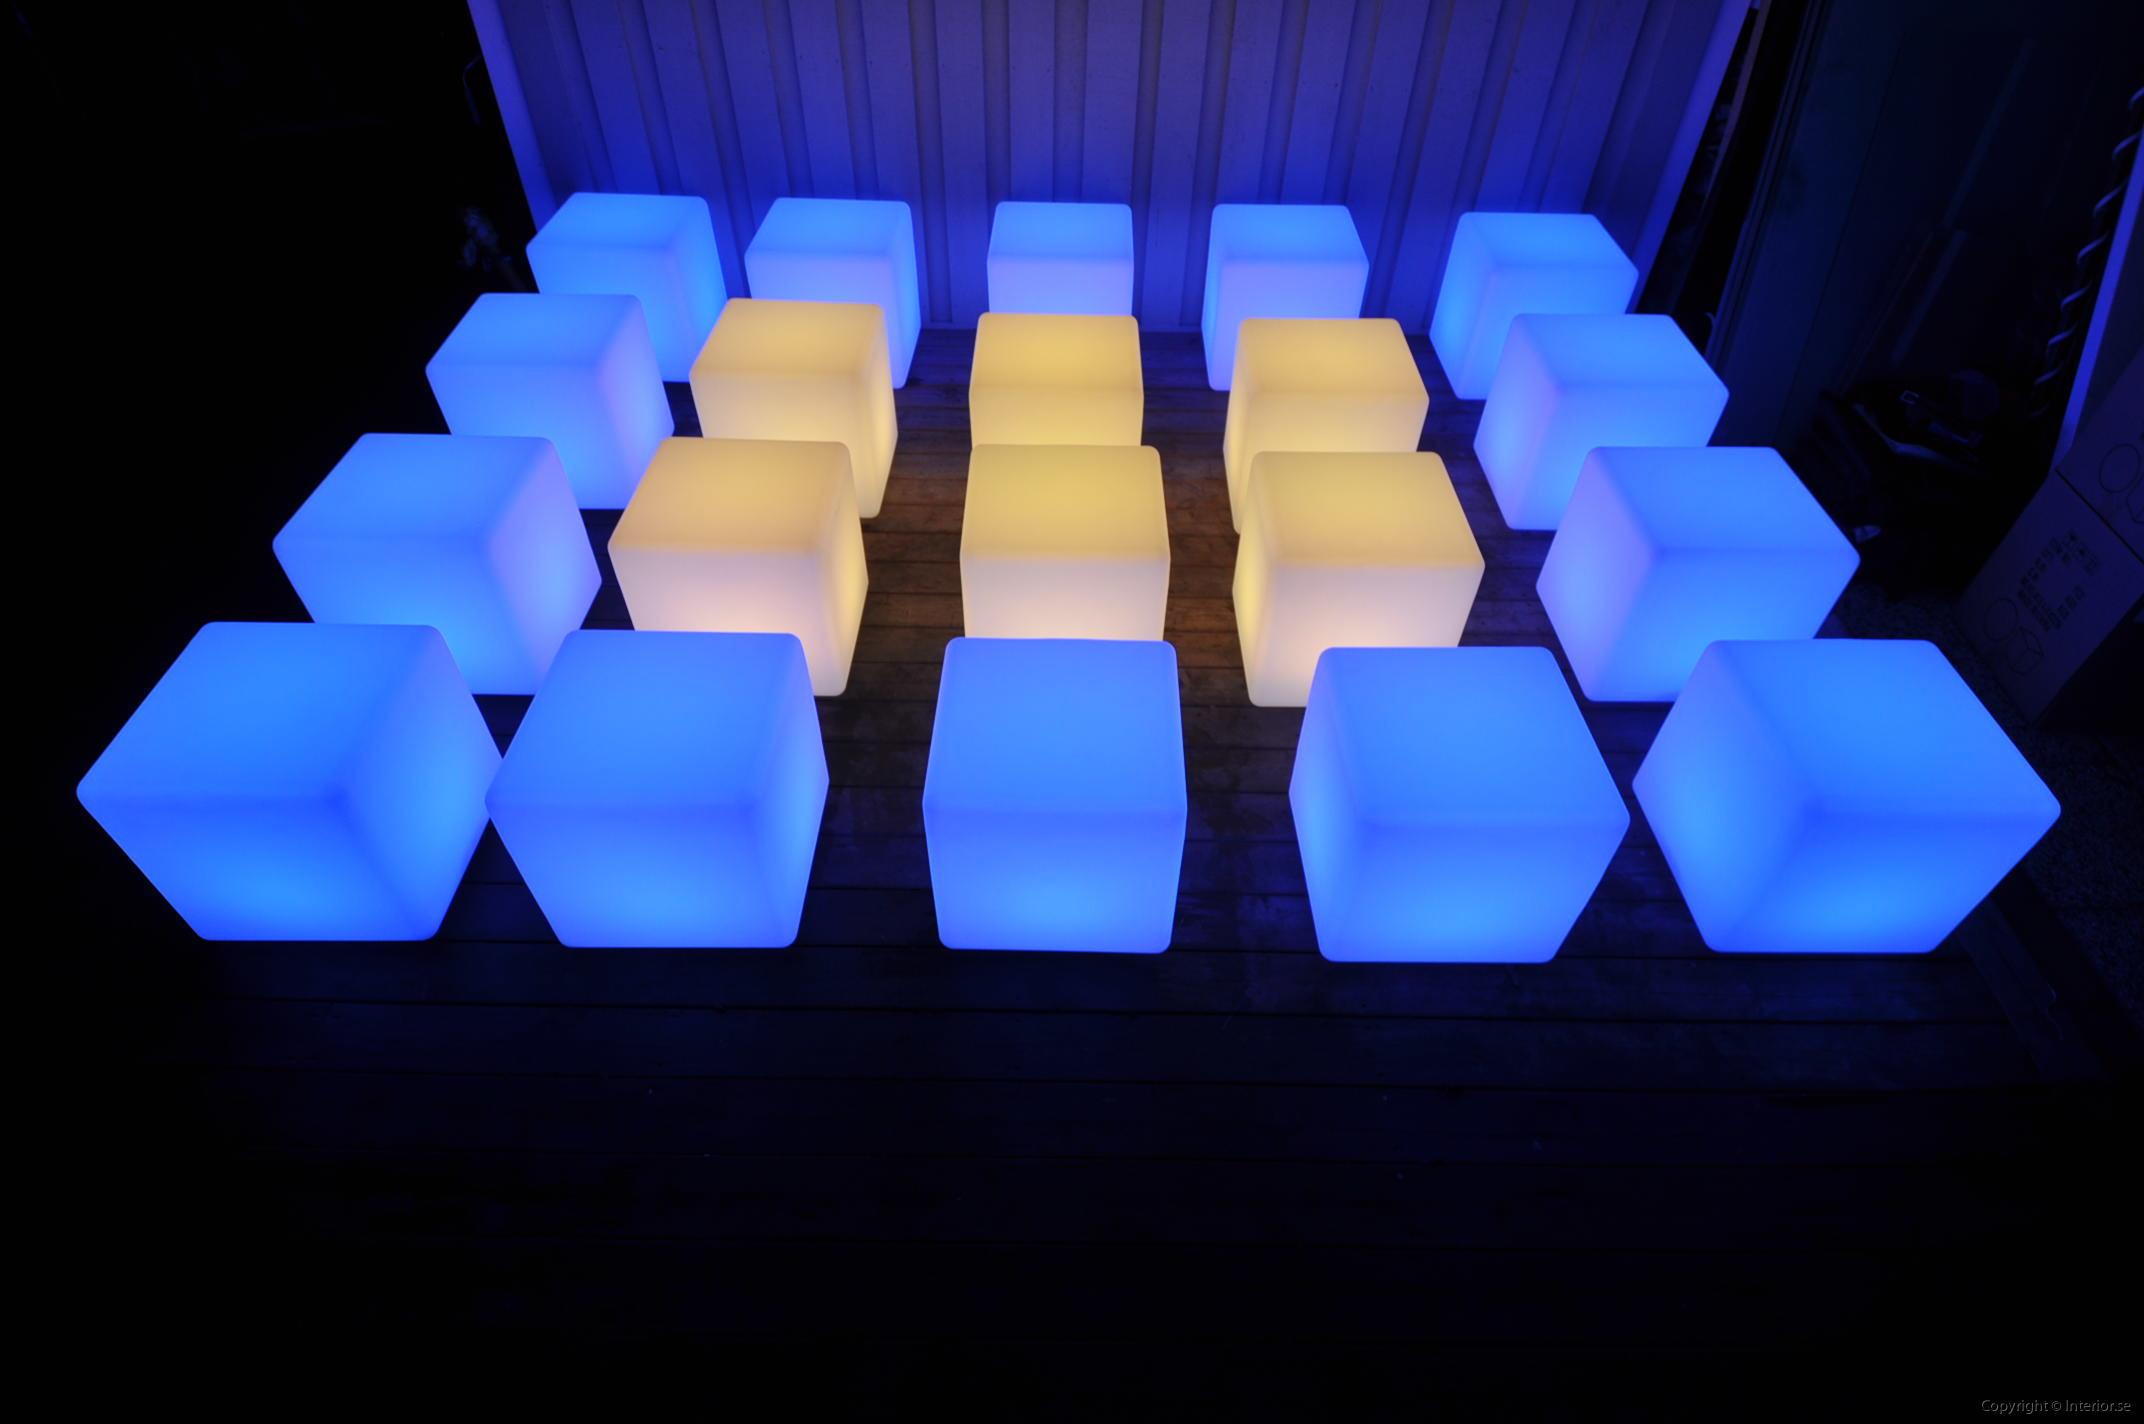 Hyra led möbler ledmöbler stockholm event möbler hyr möbler stockholm event led furniture hire stockholm (16)